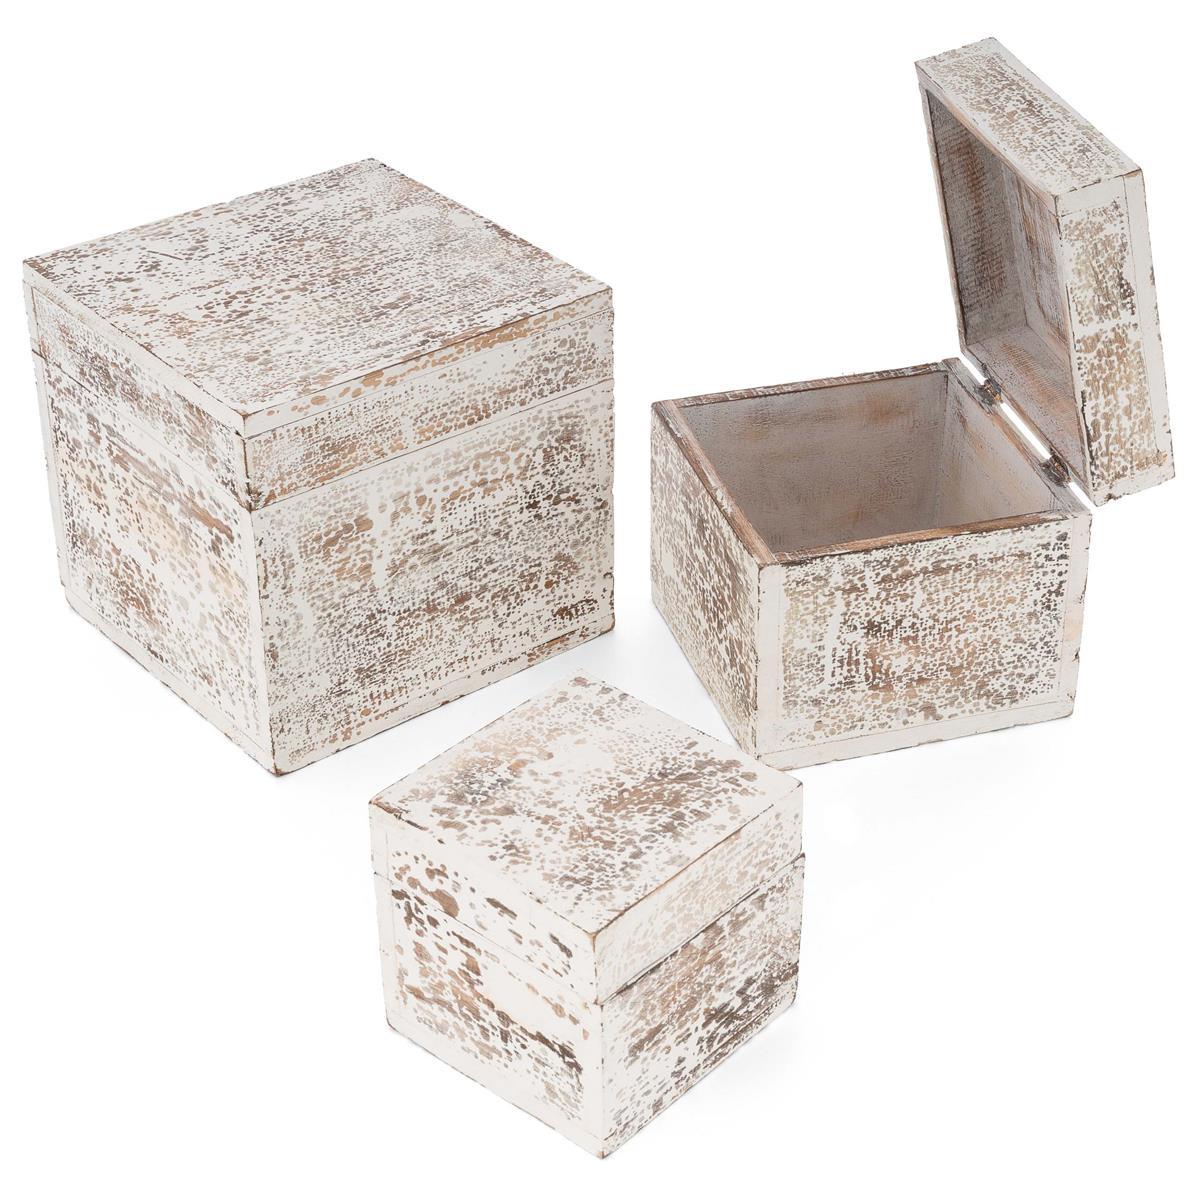 3-teiliges Holzboxen – Set mit Deckel Vintage Look Albacia Wood weiß